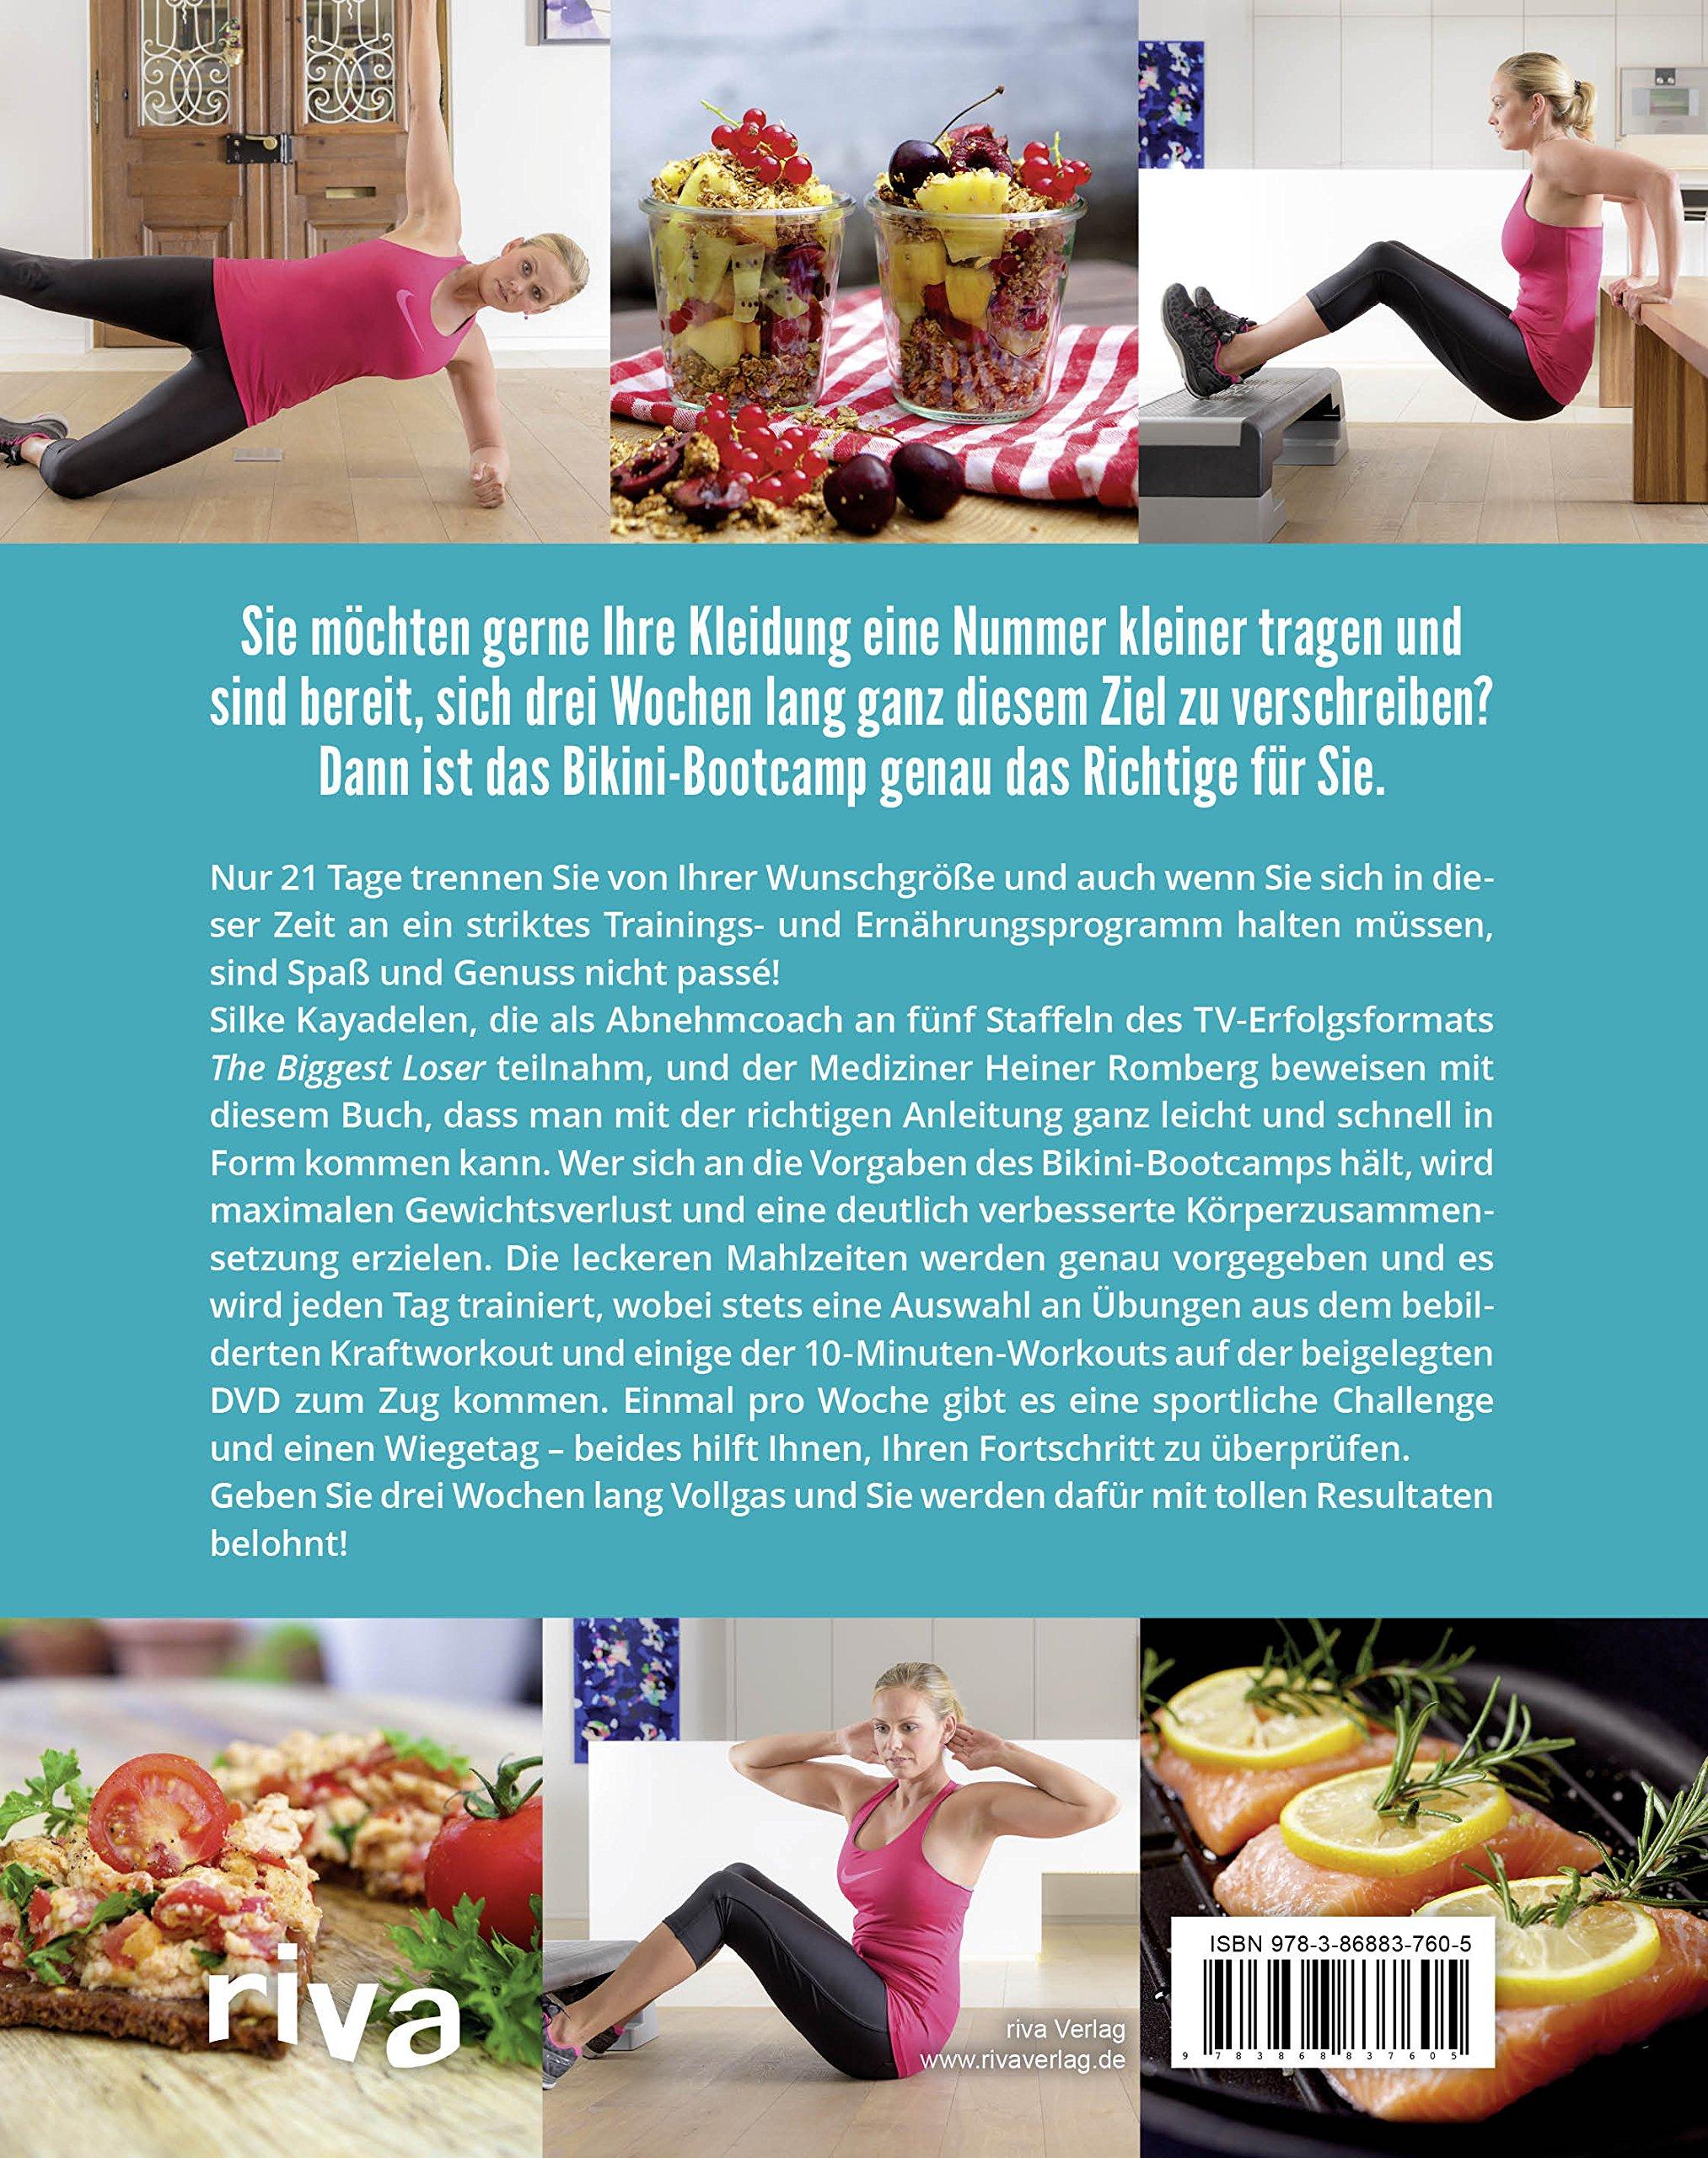 Sophia-Thiel-Buch-Einfach-schlank-und-fit-mit-120-Rezepten-zur-Traumfigur-Fitness-Kochbuch-zum-Abnehmen-Krafttraining-Sport